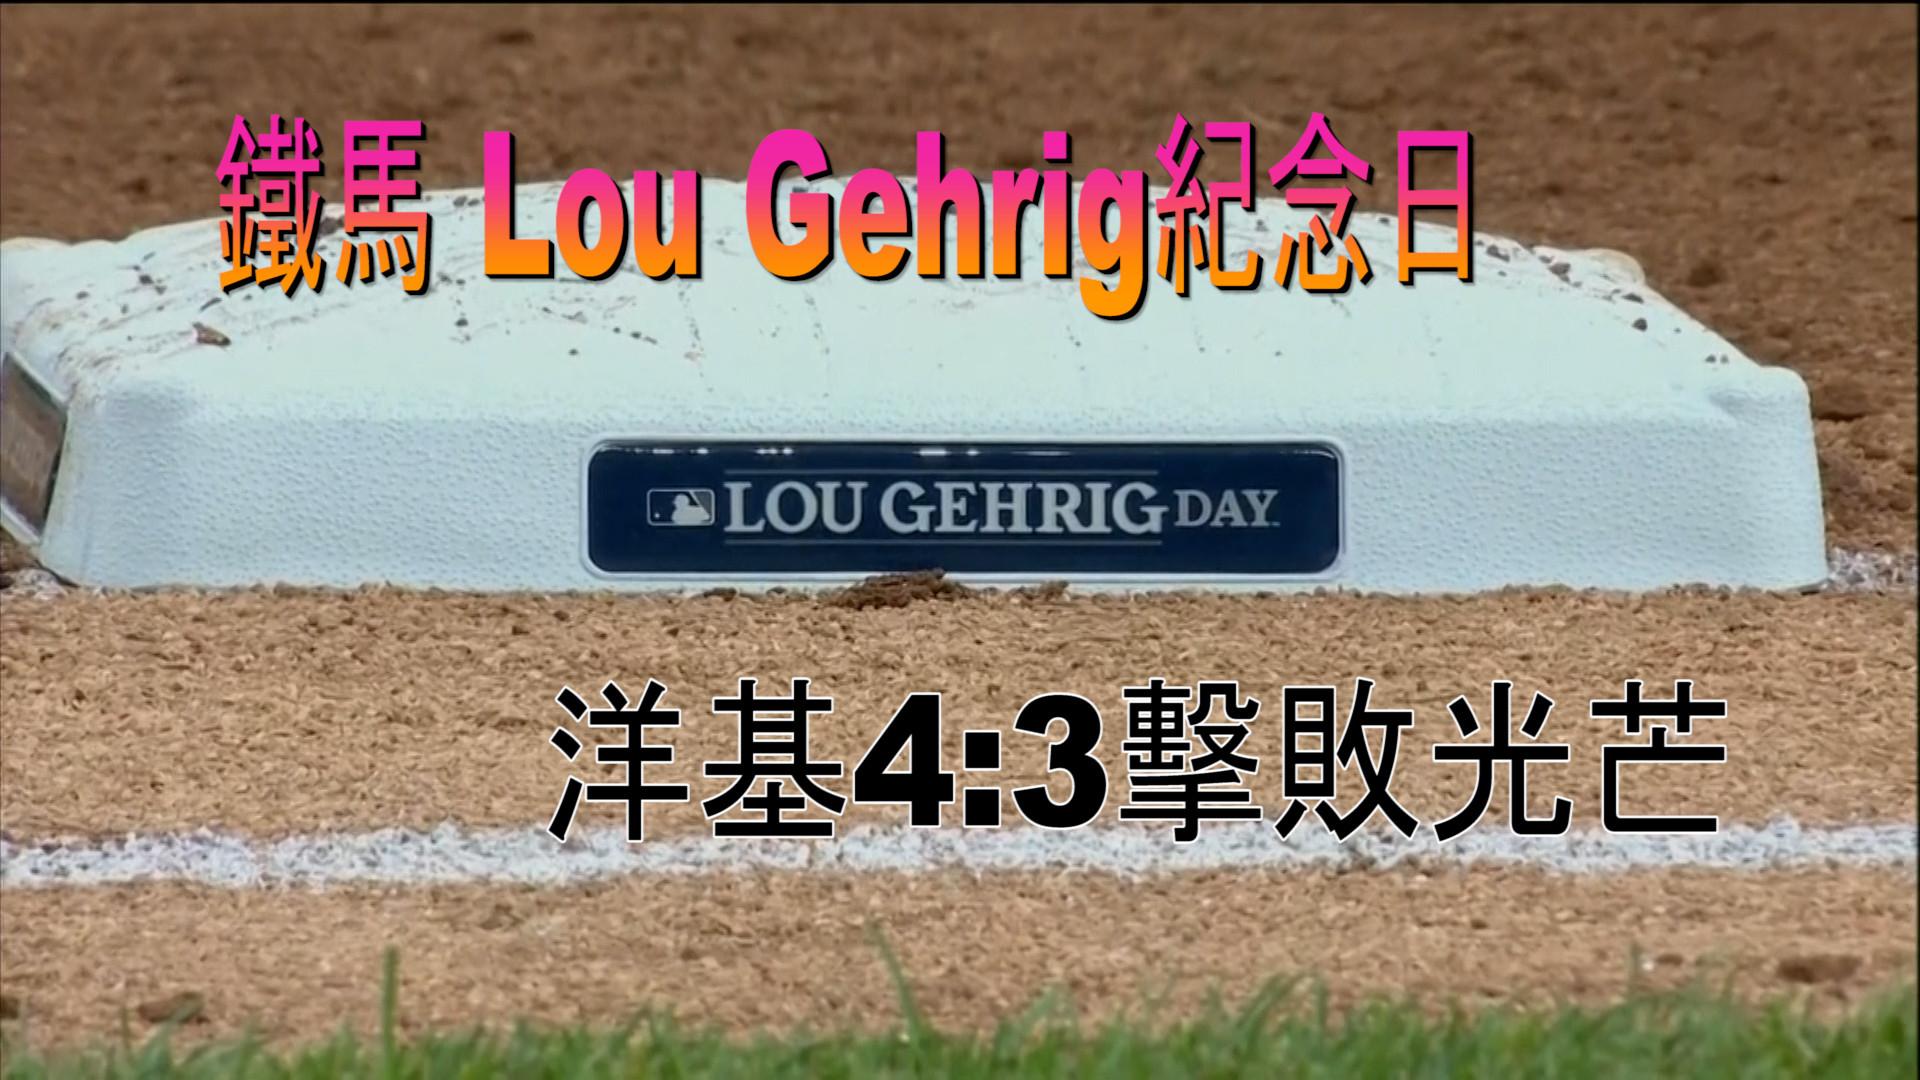 【MLB看愛爾達】洋基主場持續發威 4:3擊敗光芒二連勝 06/03